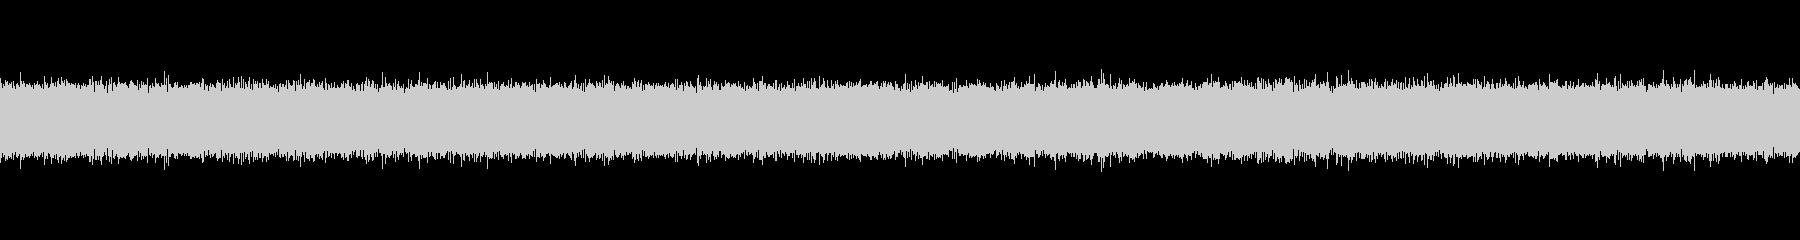 【生録音】ループで使える秋の虫の声 6の未再生の波形